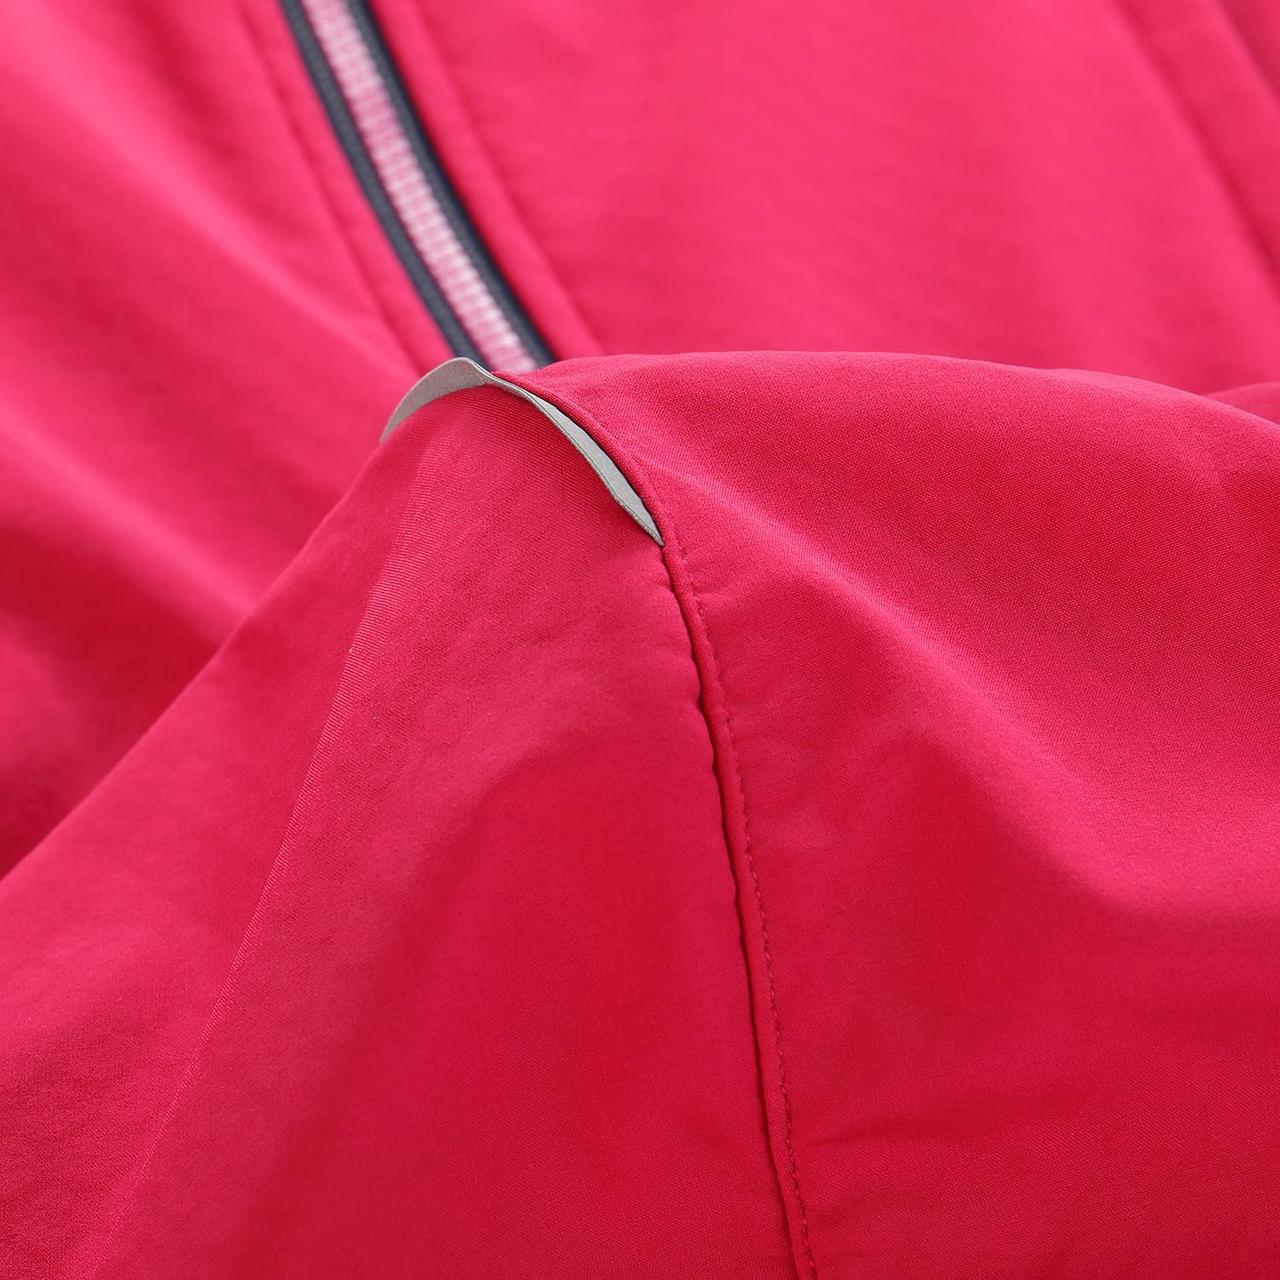 Куртка NOOTKO 8 Малиновый, 128-134 - фото 9